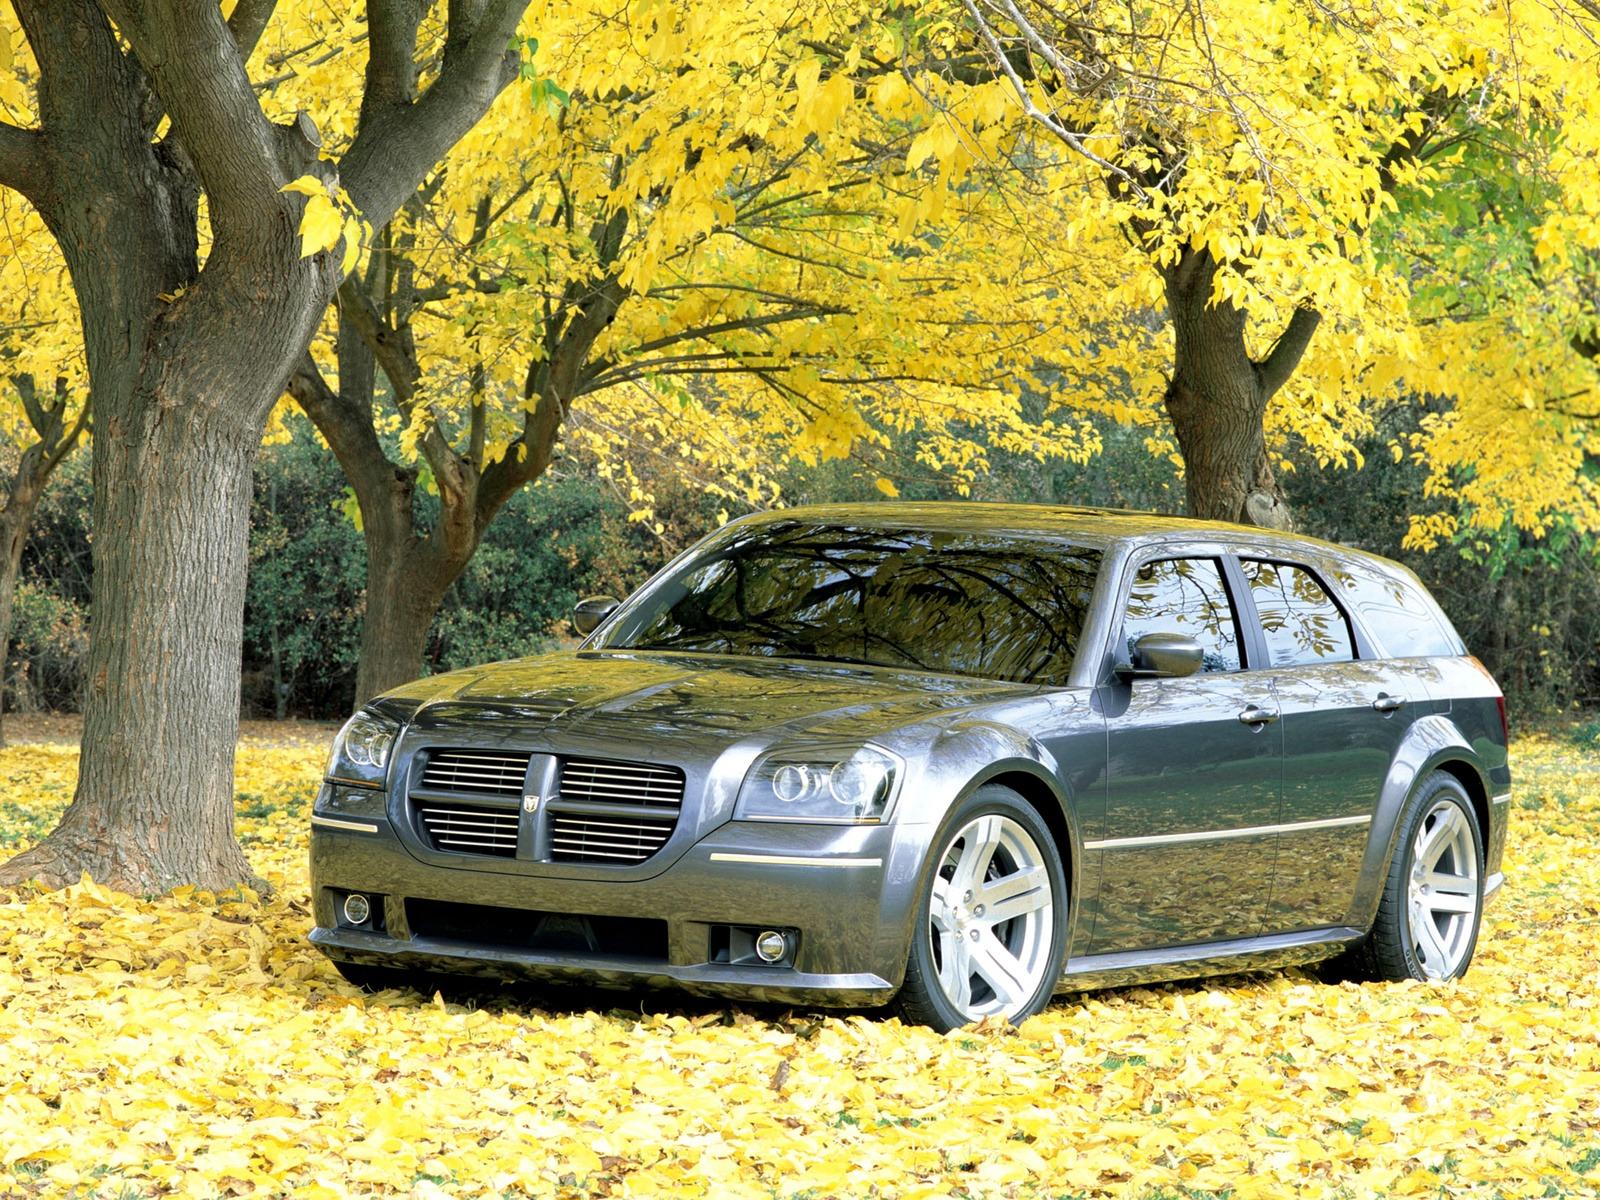 Chrysler Dealer Near Me >> Dodge Magnum SRT-8 Concept (LX) (2003) - Old Concept Cars